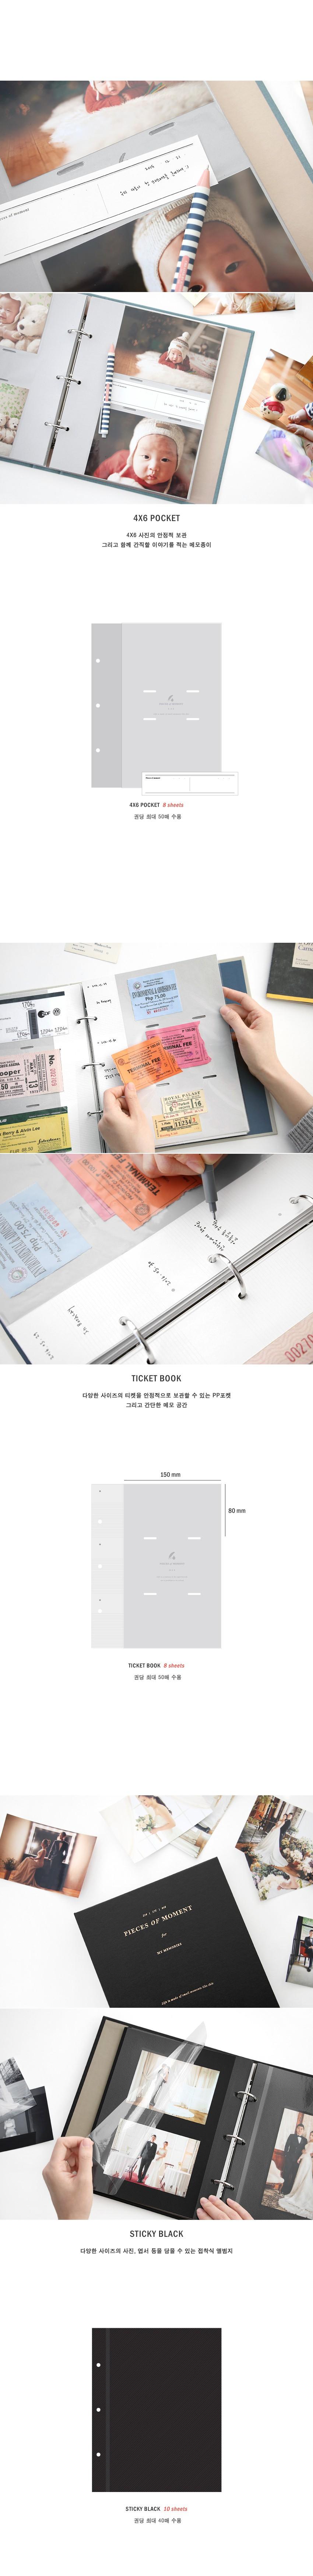 아이코닉 메모리 바인더 내지 - 아이코닉, 5,400원, 포켓앨범, 심플